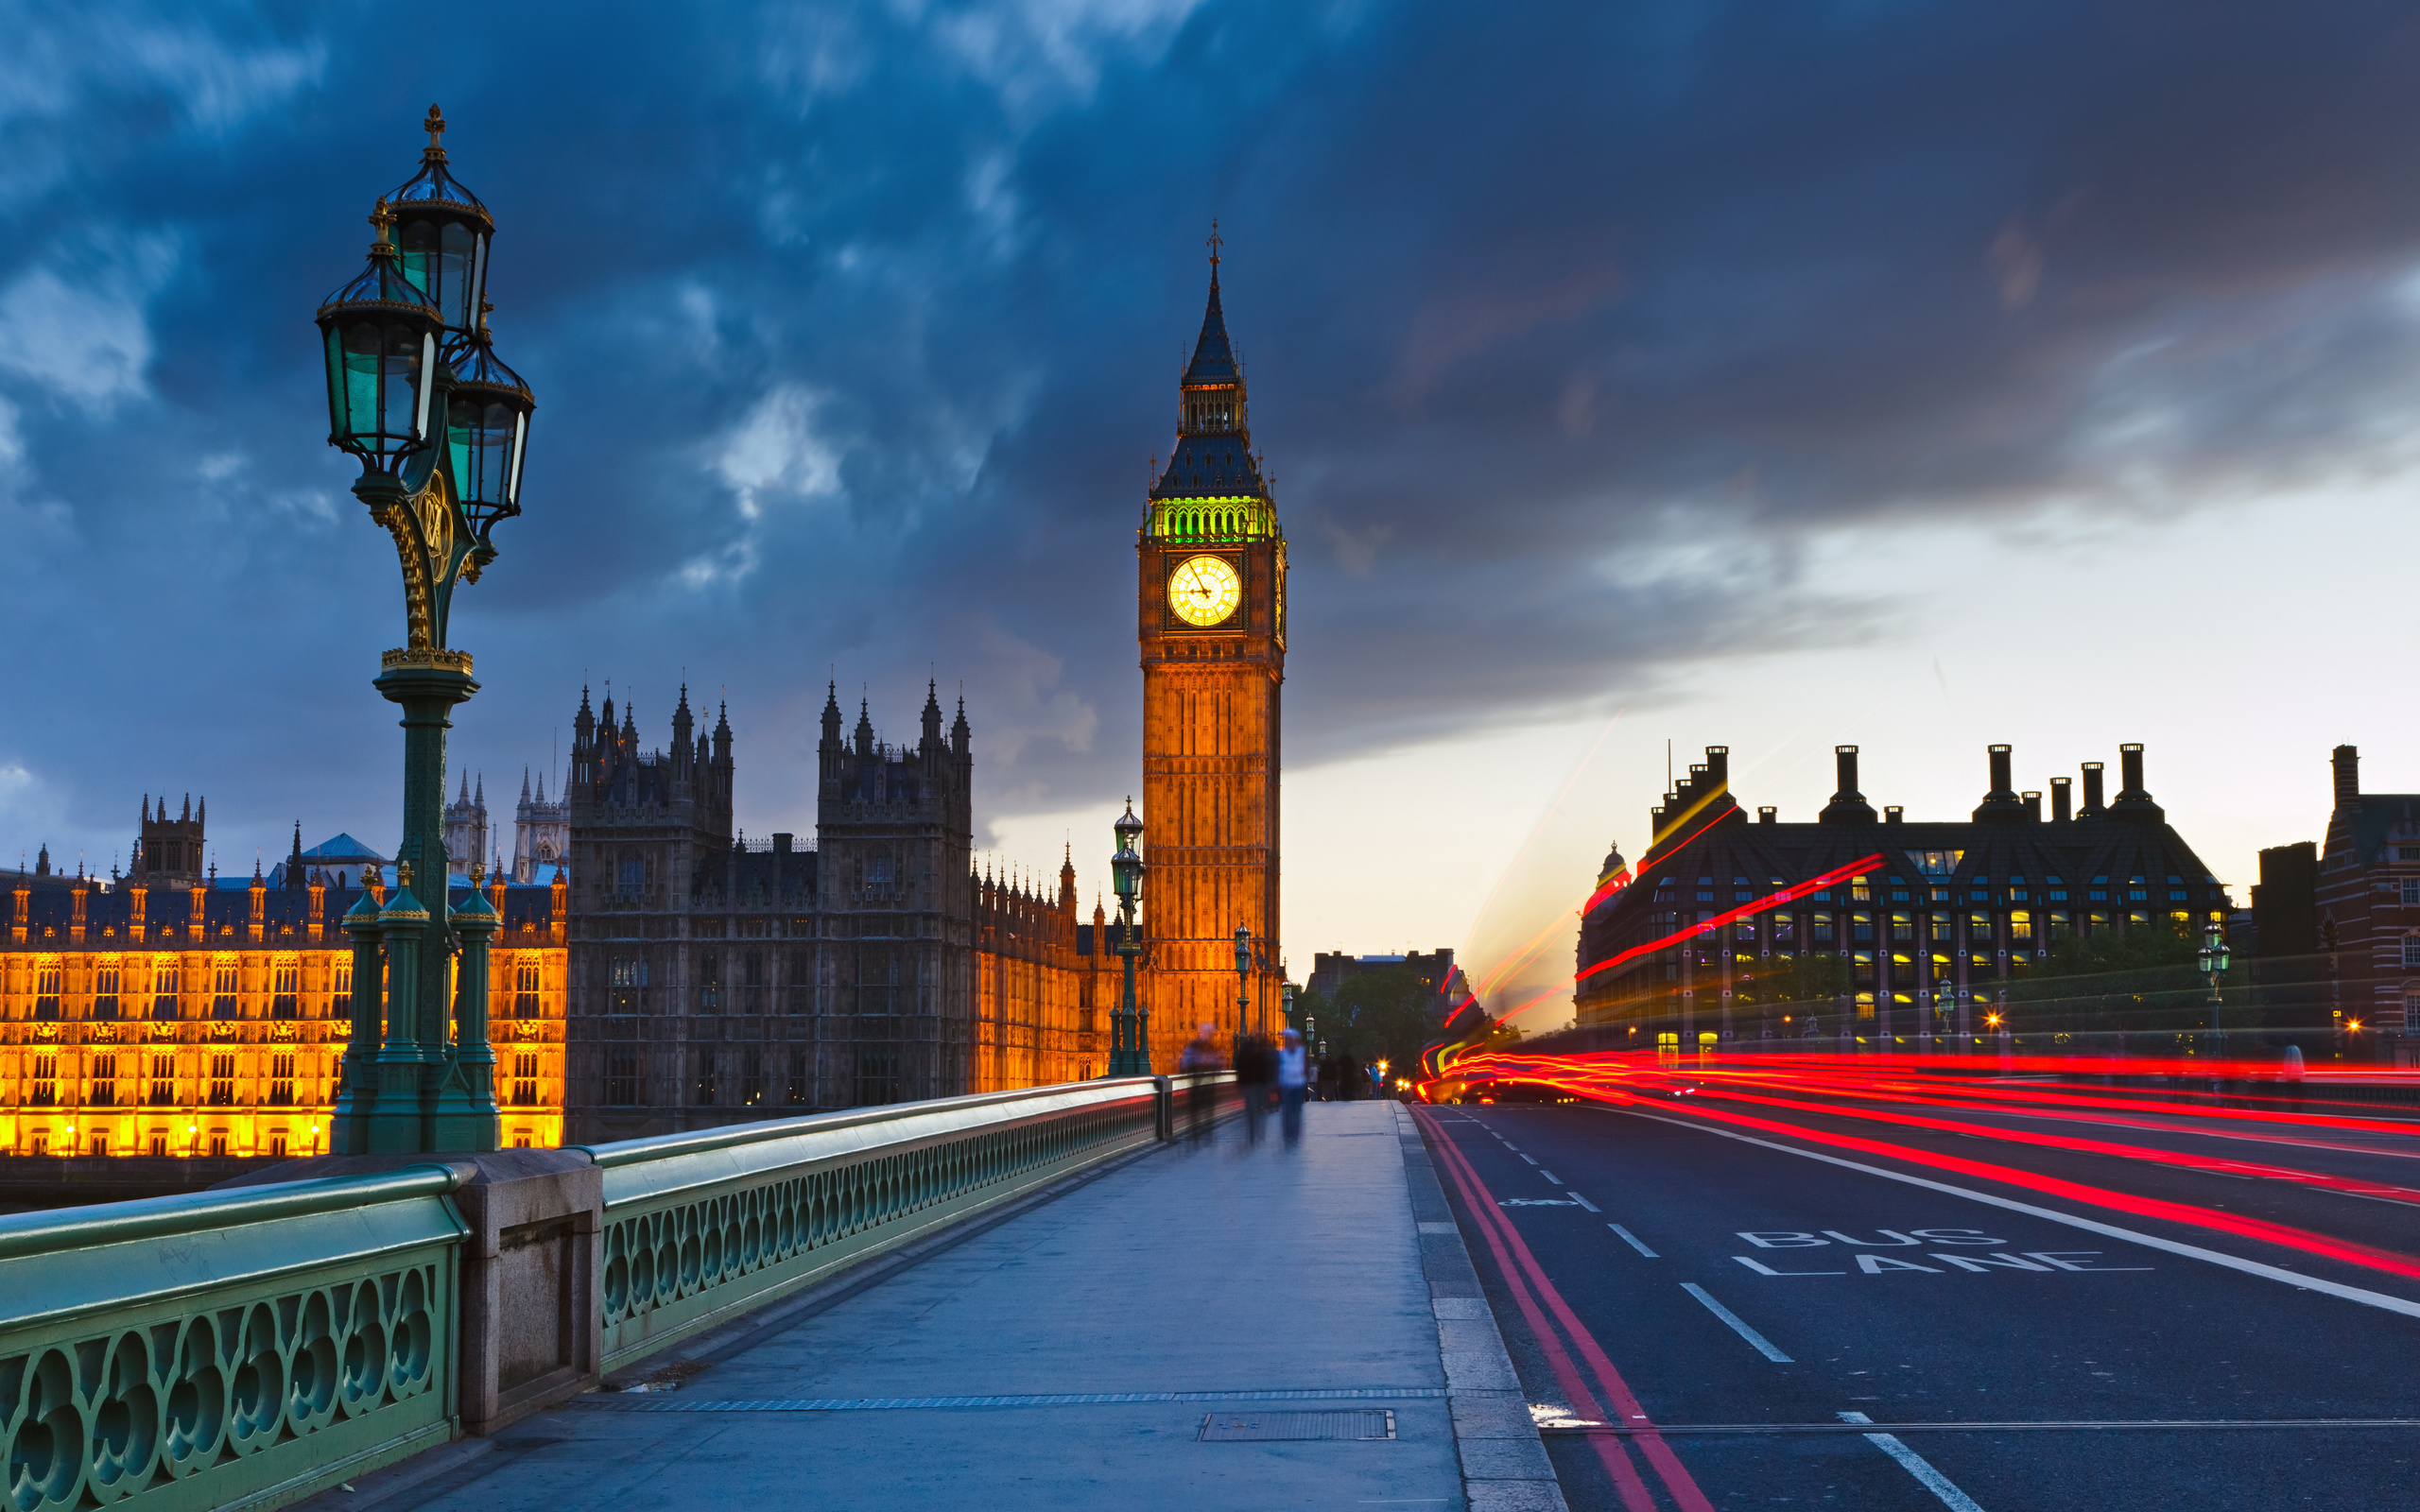 Лондон картинки красивые, днем петра февронии